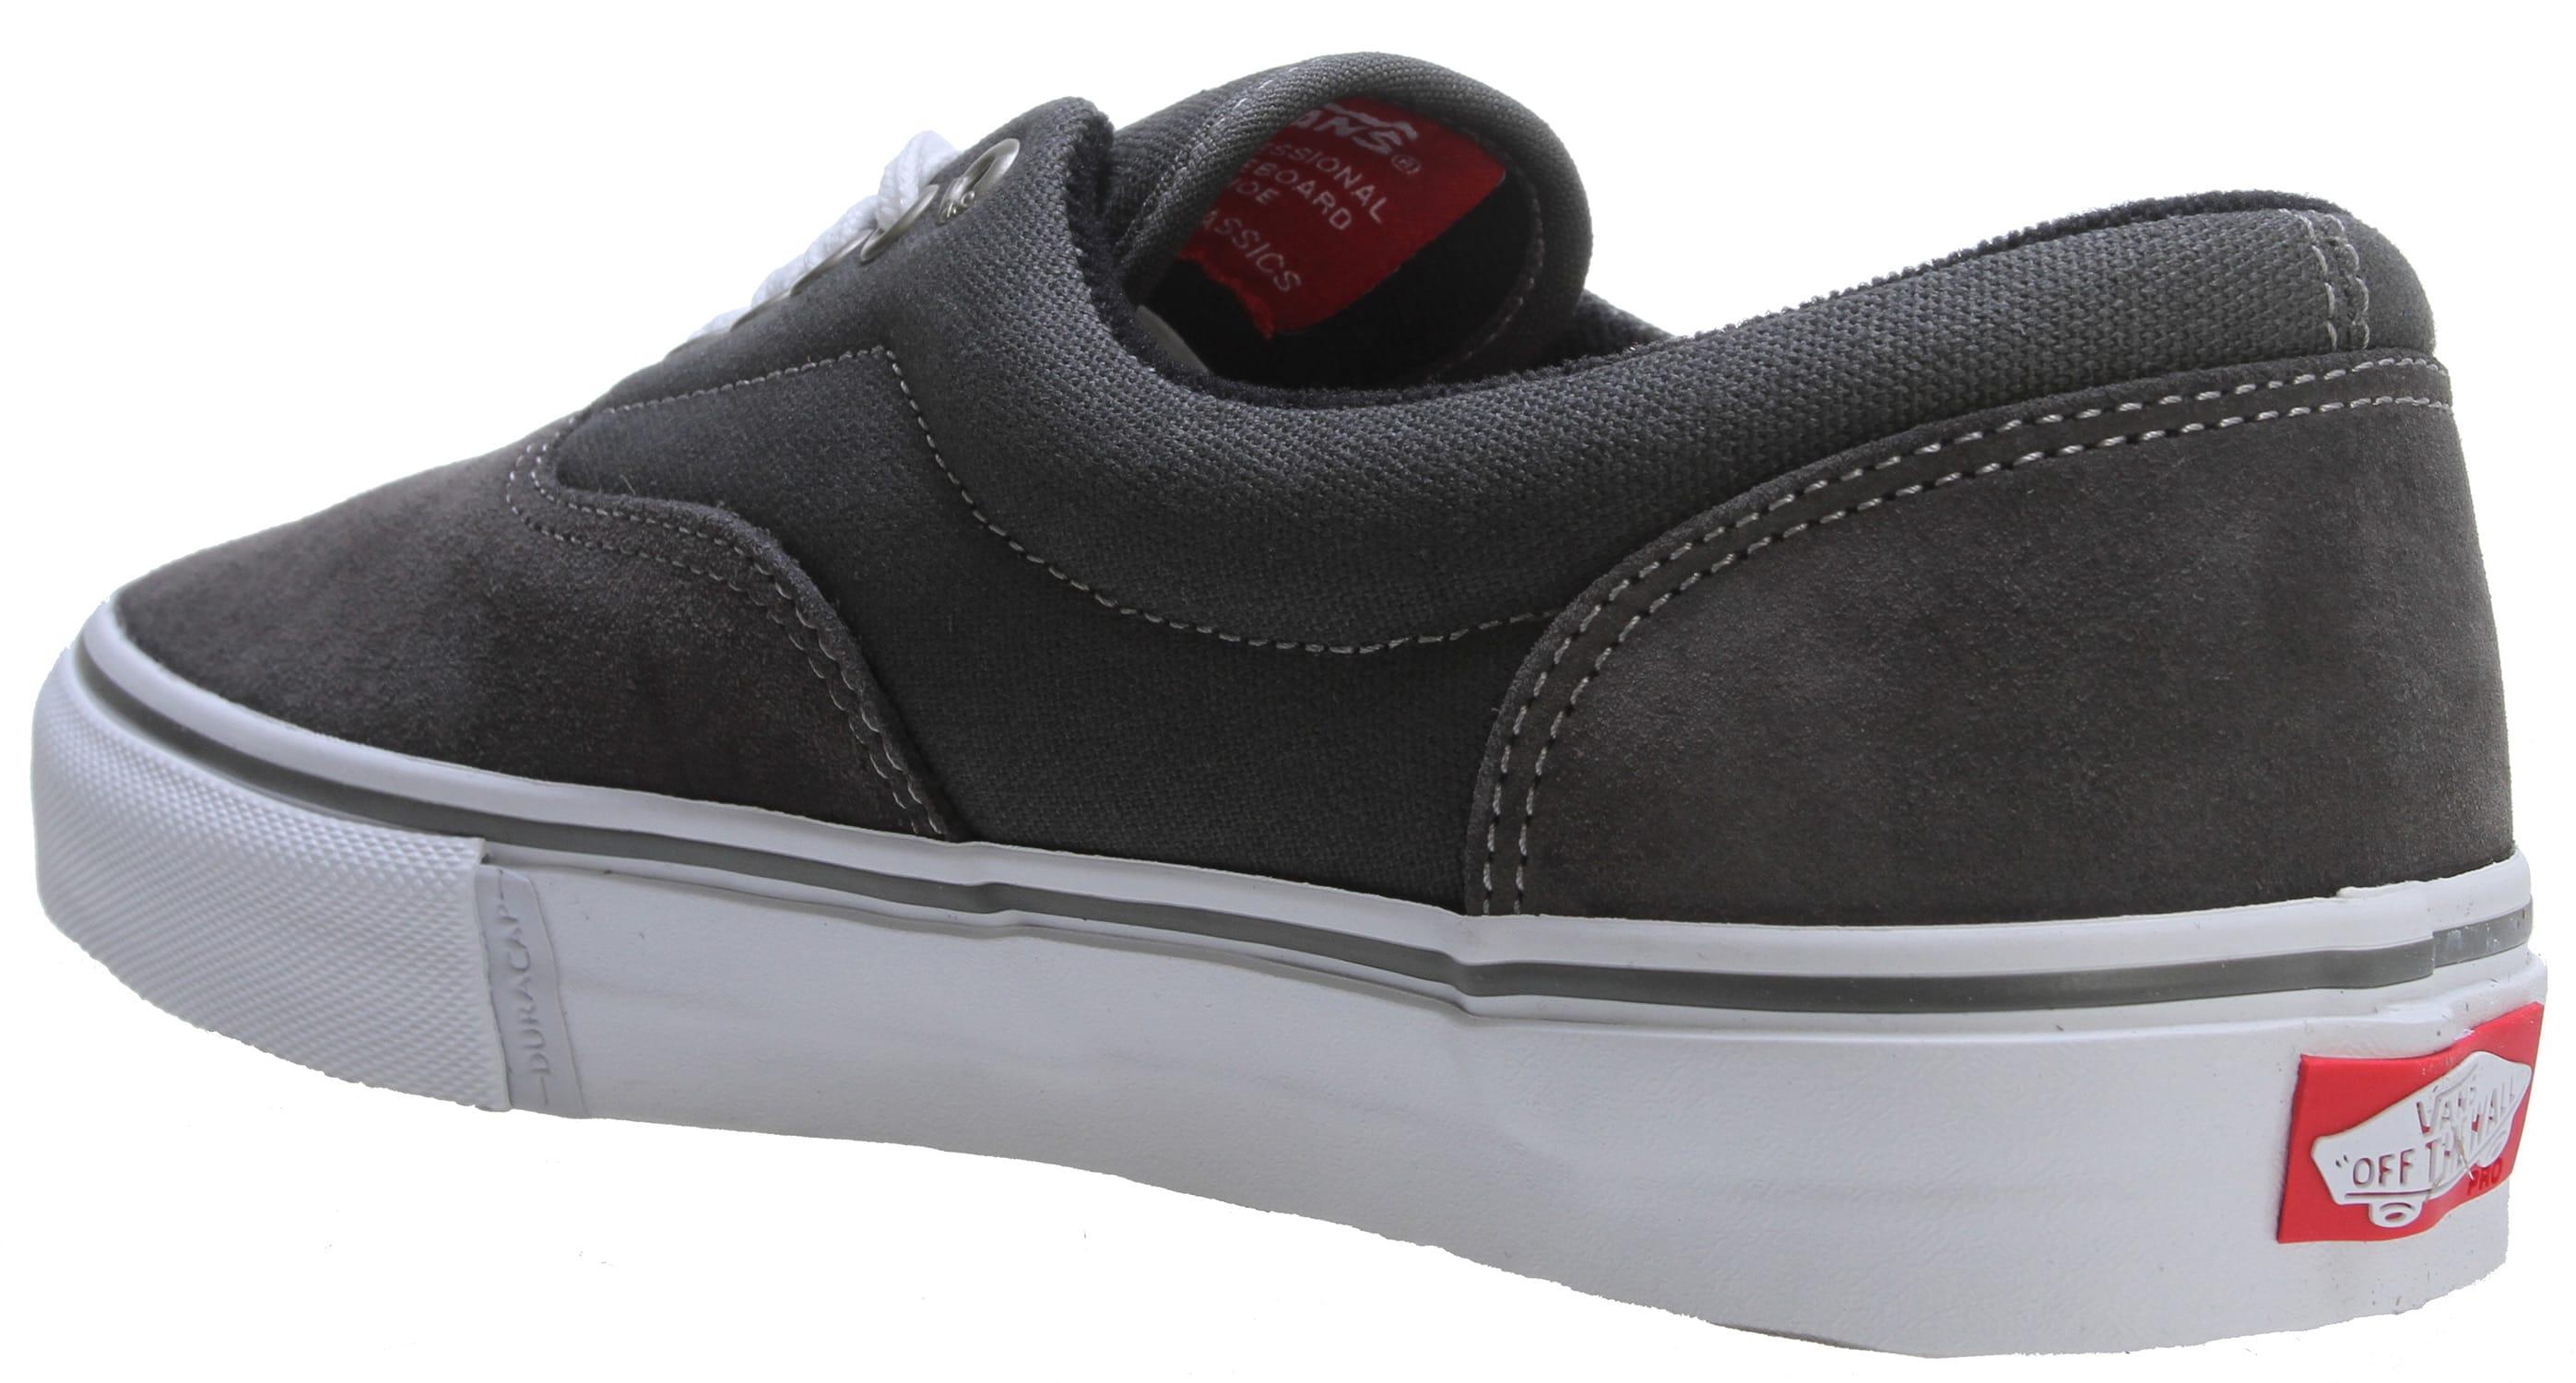 Vans Era Laceless Pro Skate Shoes